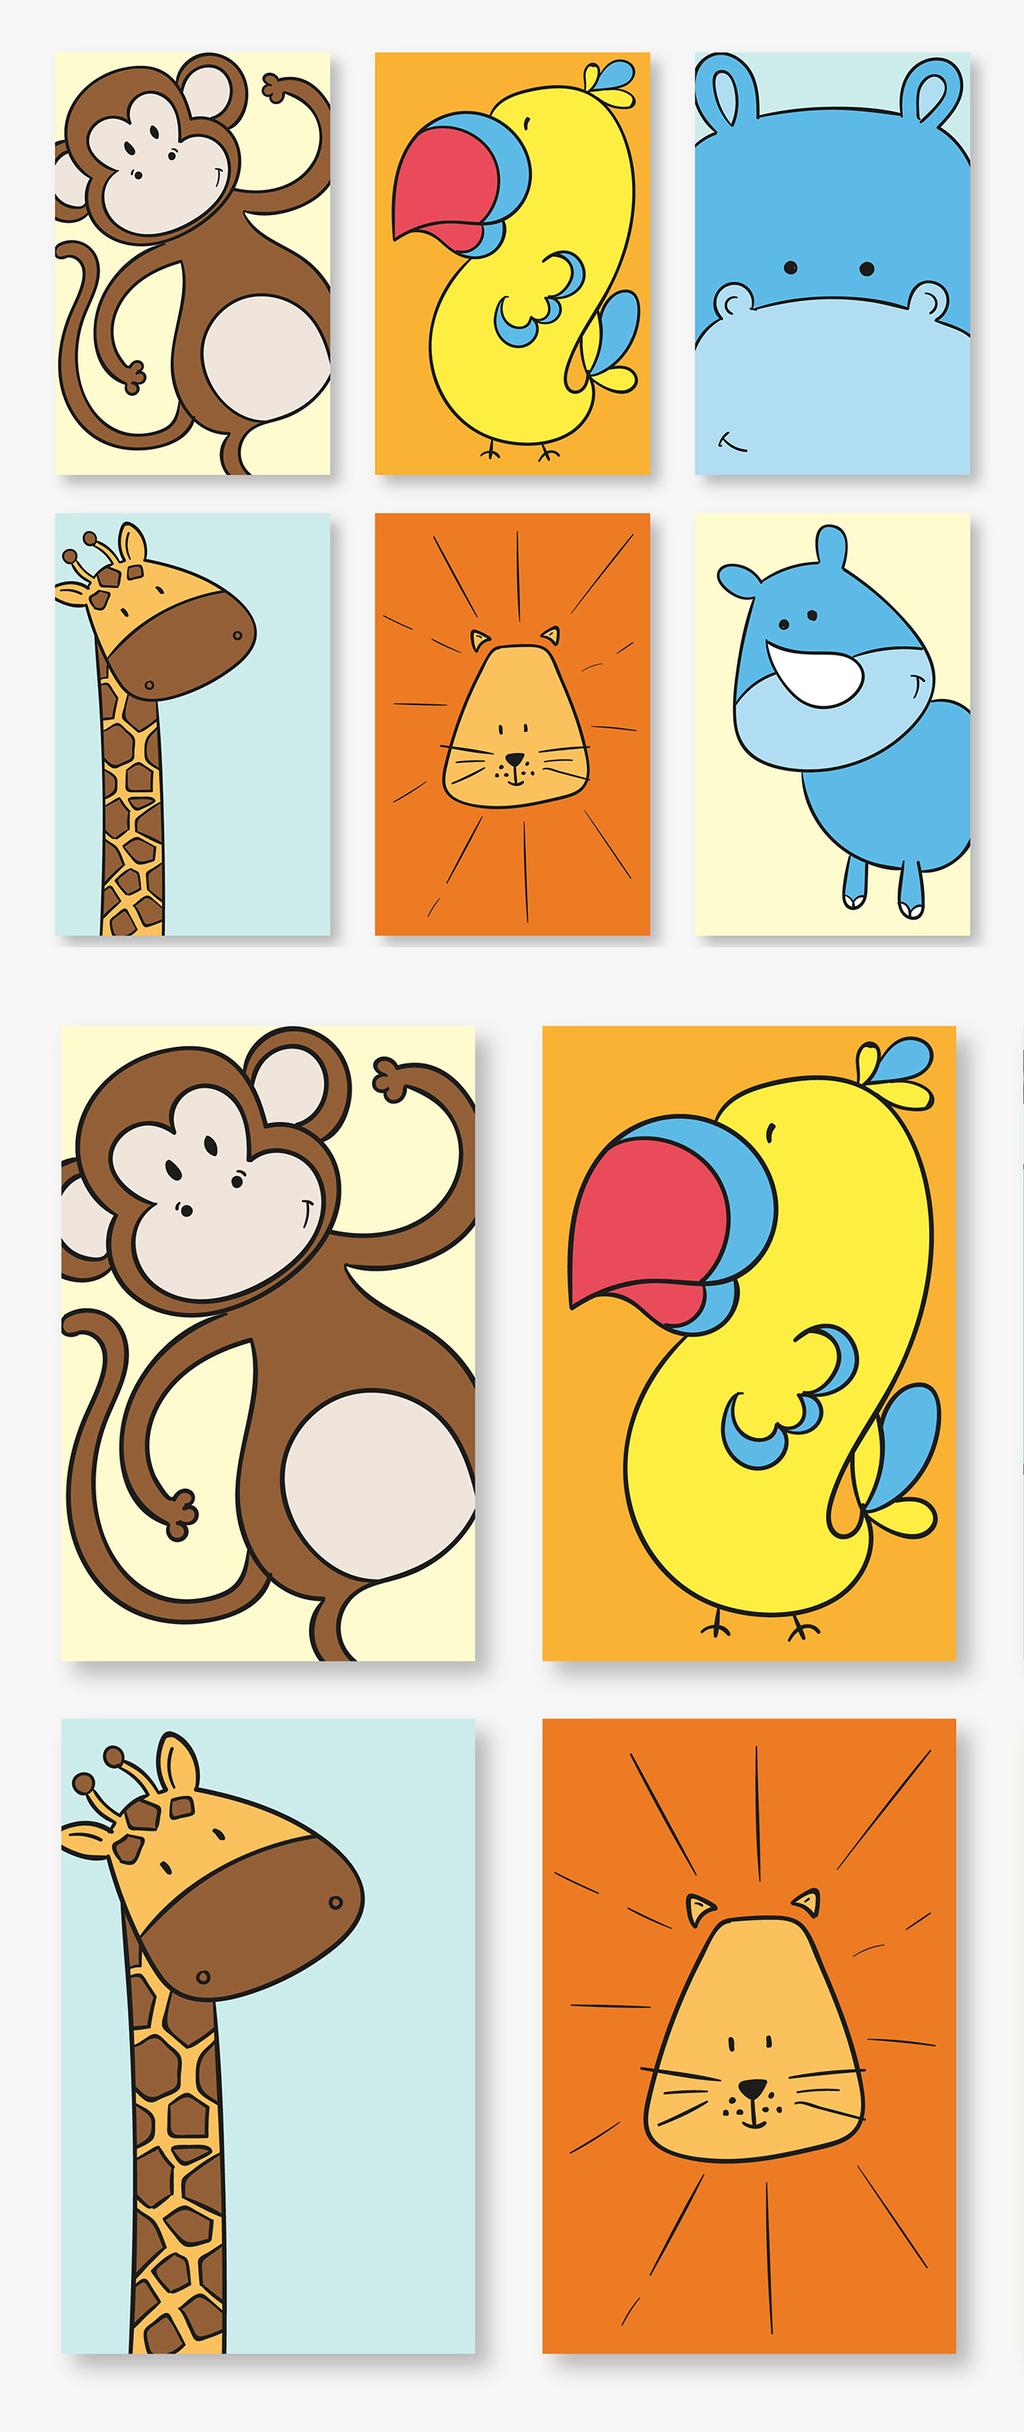 多款彩绘线描可爱动物卡片矢量素材